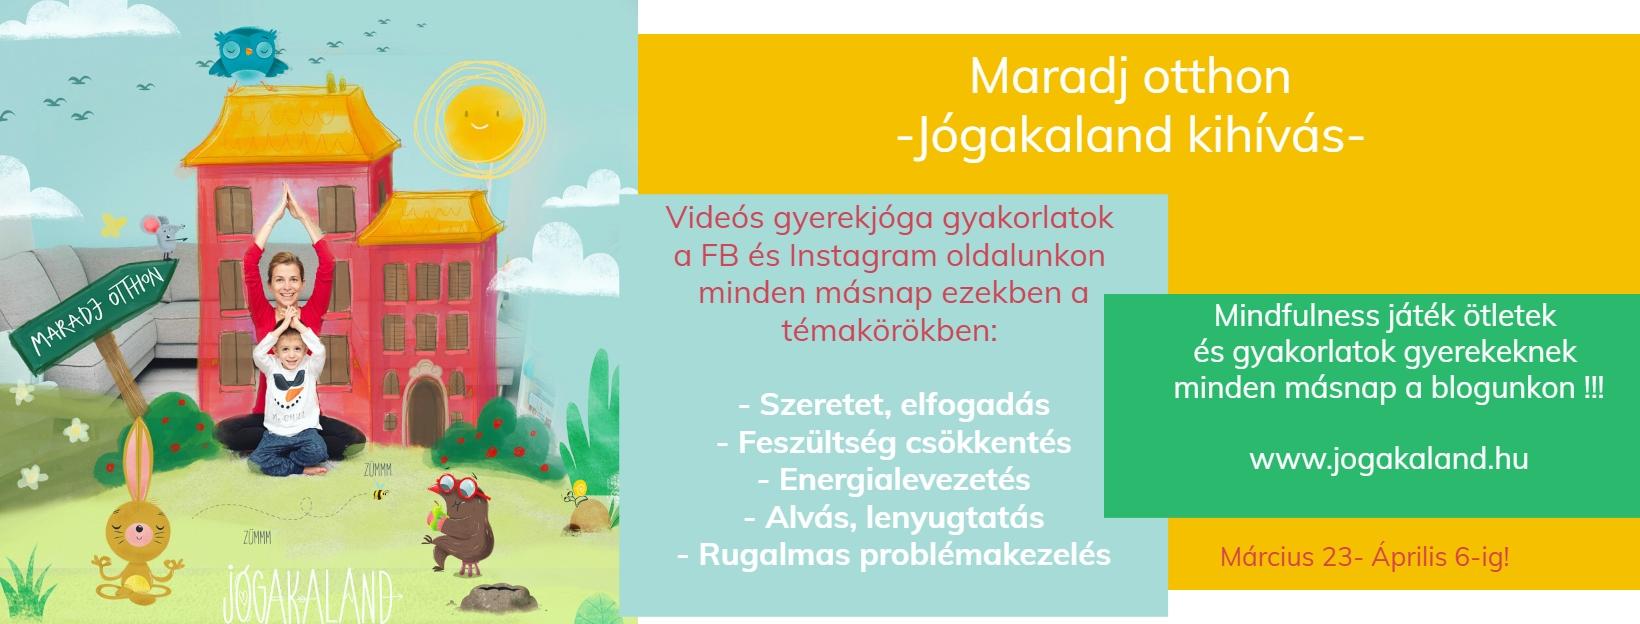 maradj_otthon_fb_cover.jpg